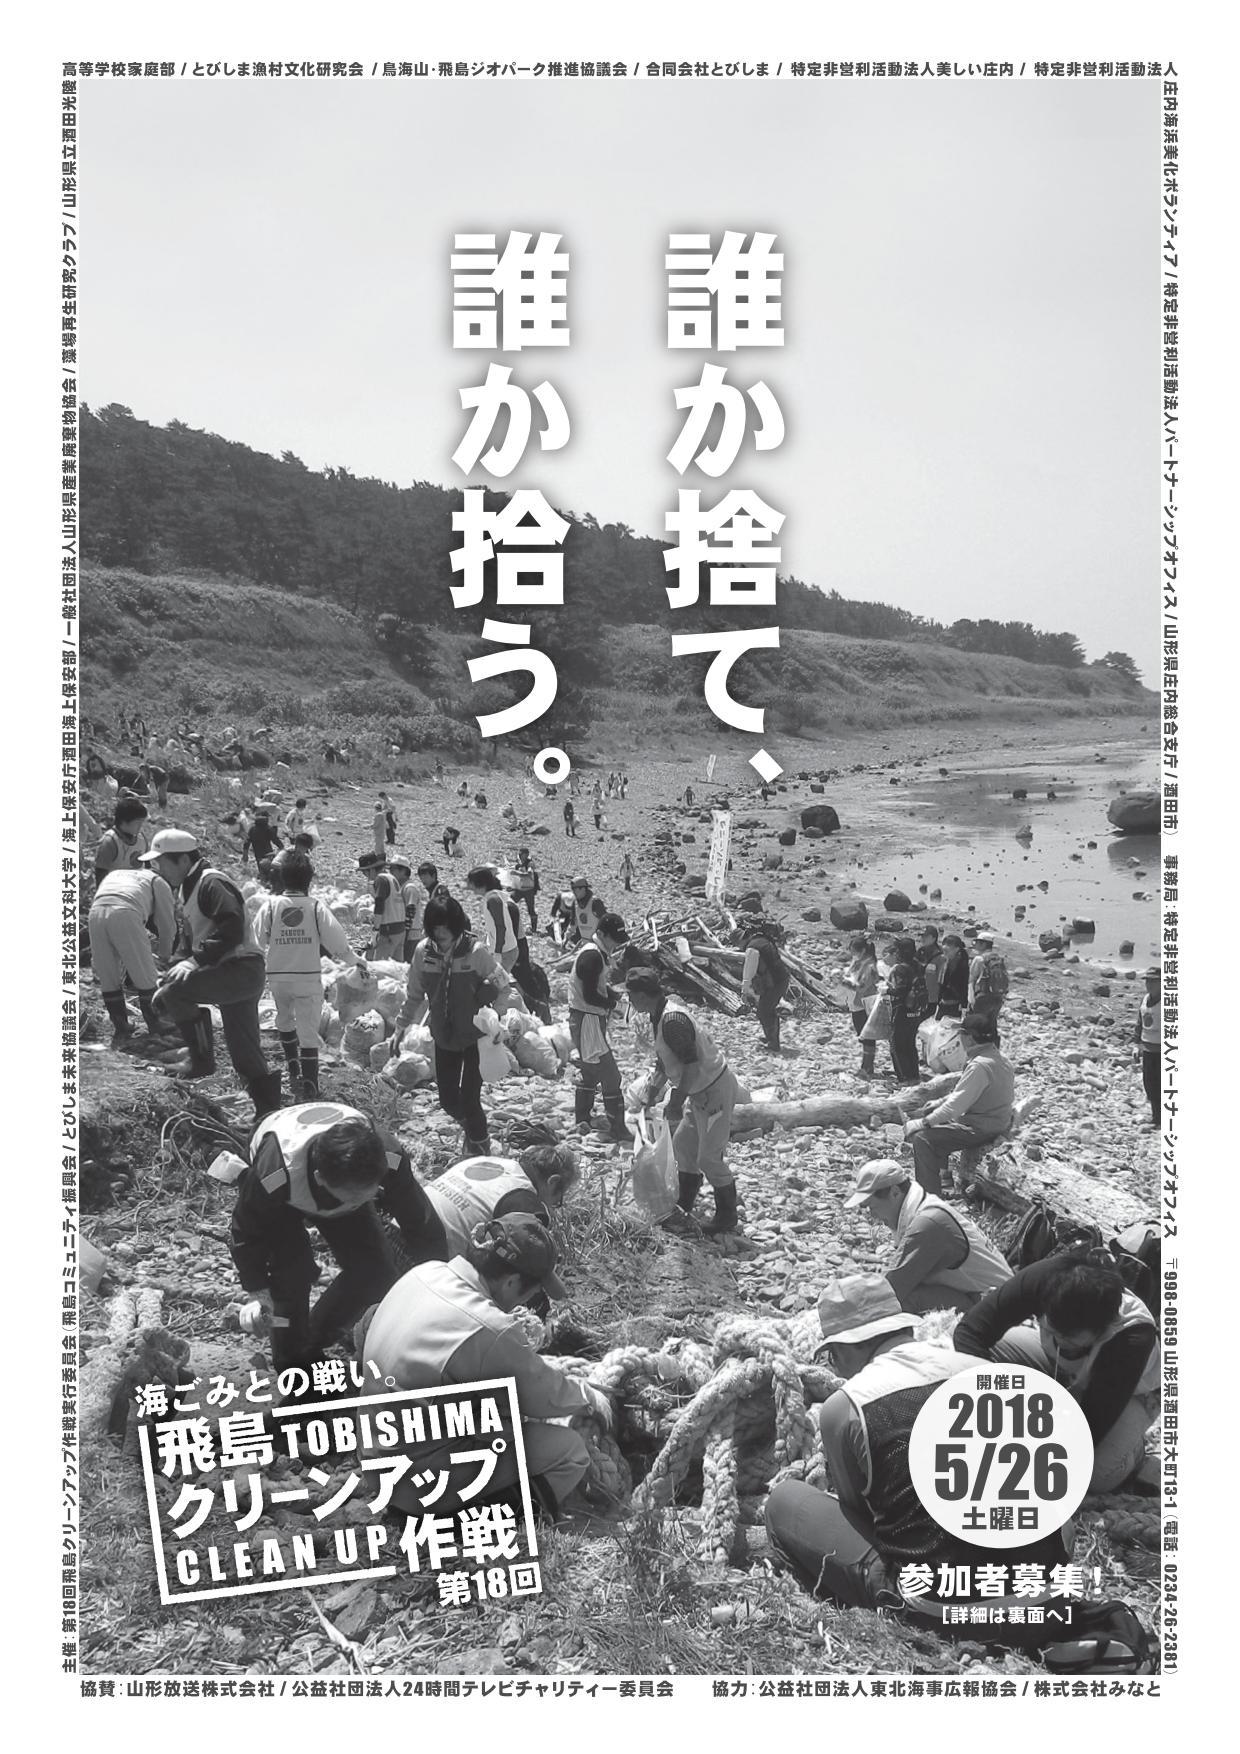 【参加者募集】第18回 飛島クリーンアップ作戦